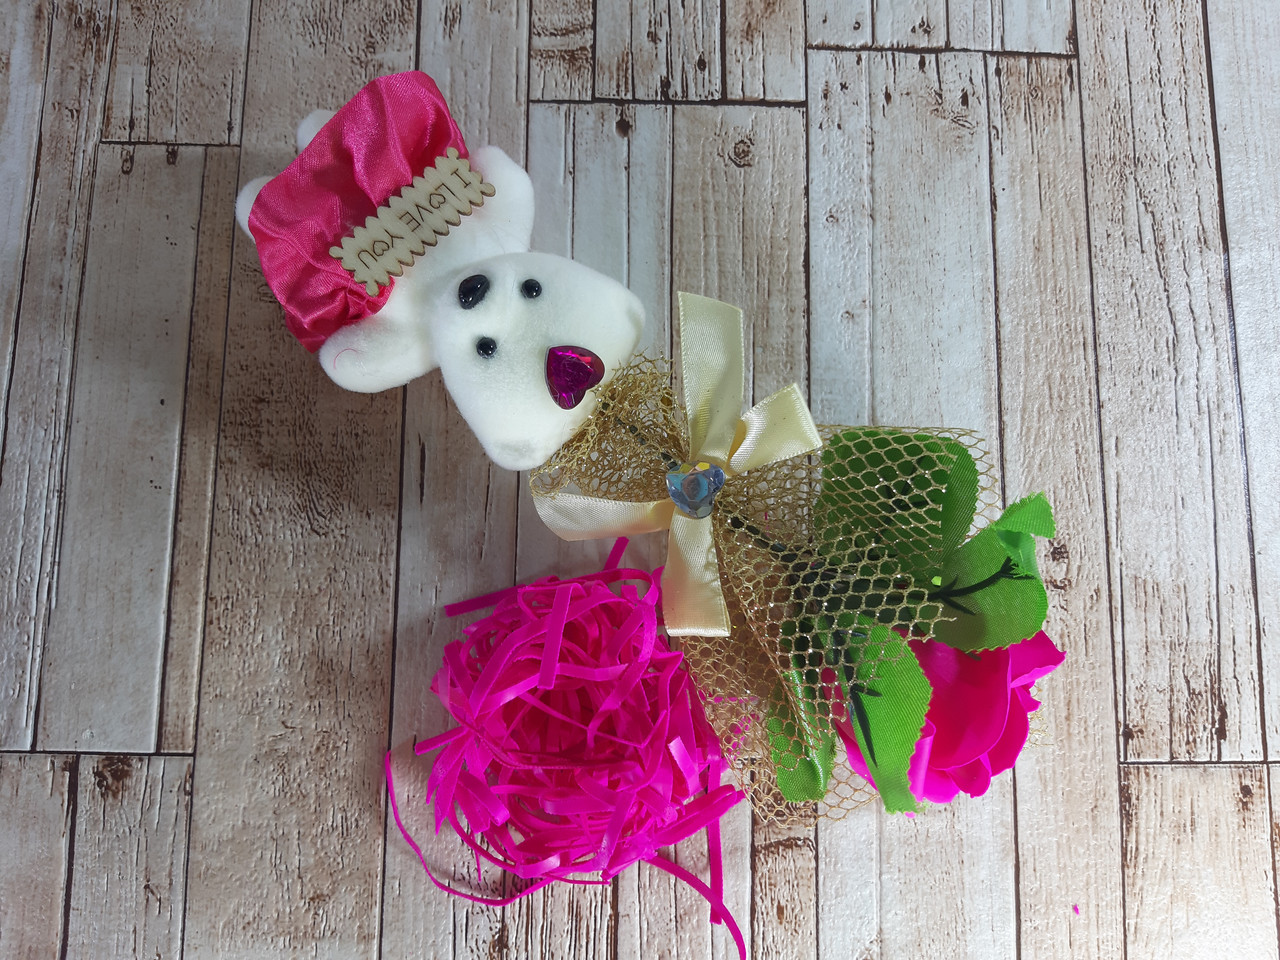 Подарочный набор Мишка и Роза из мыла 28.5см розовый